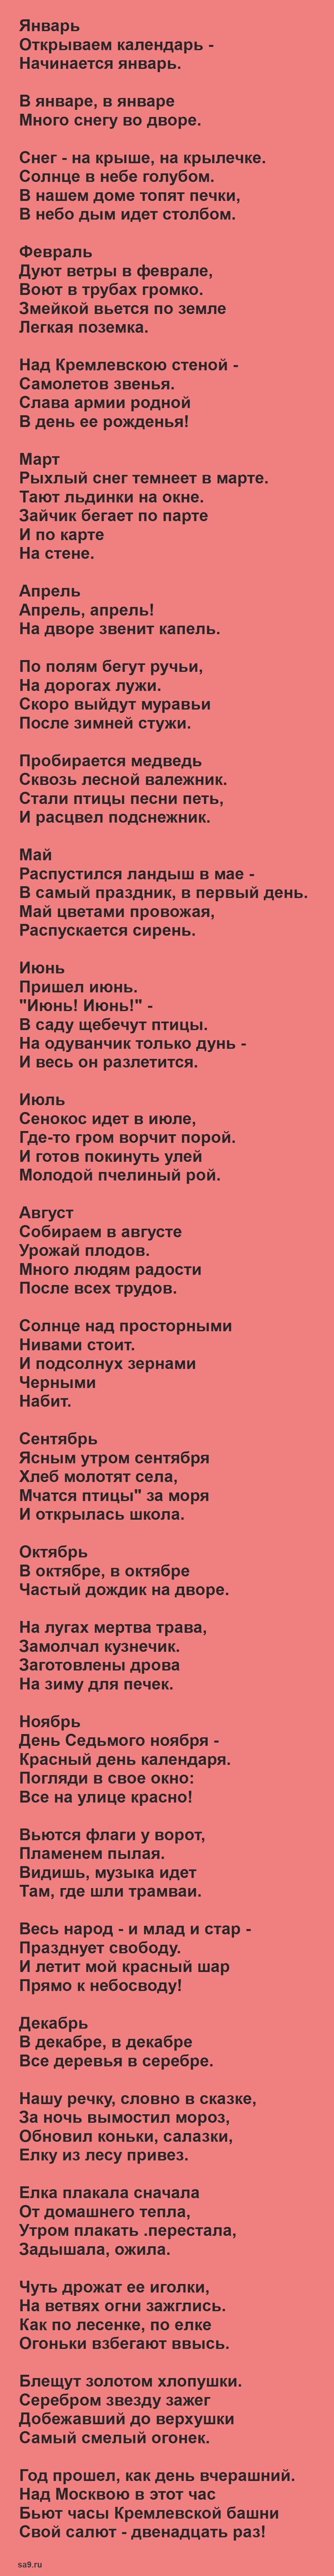 Маршак - Времена года